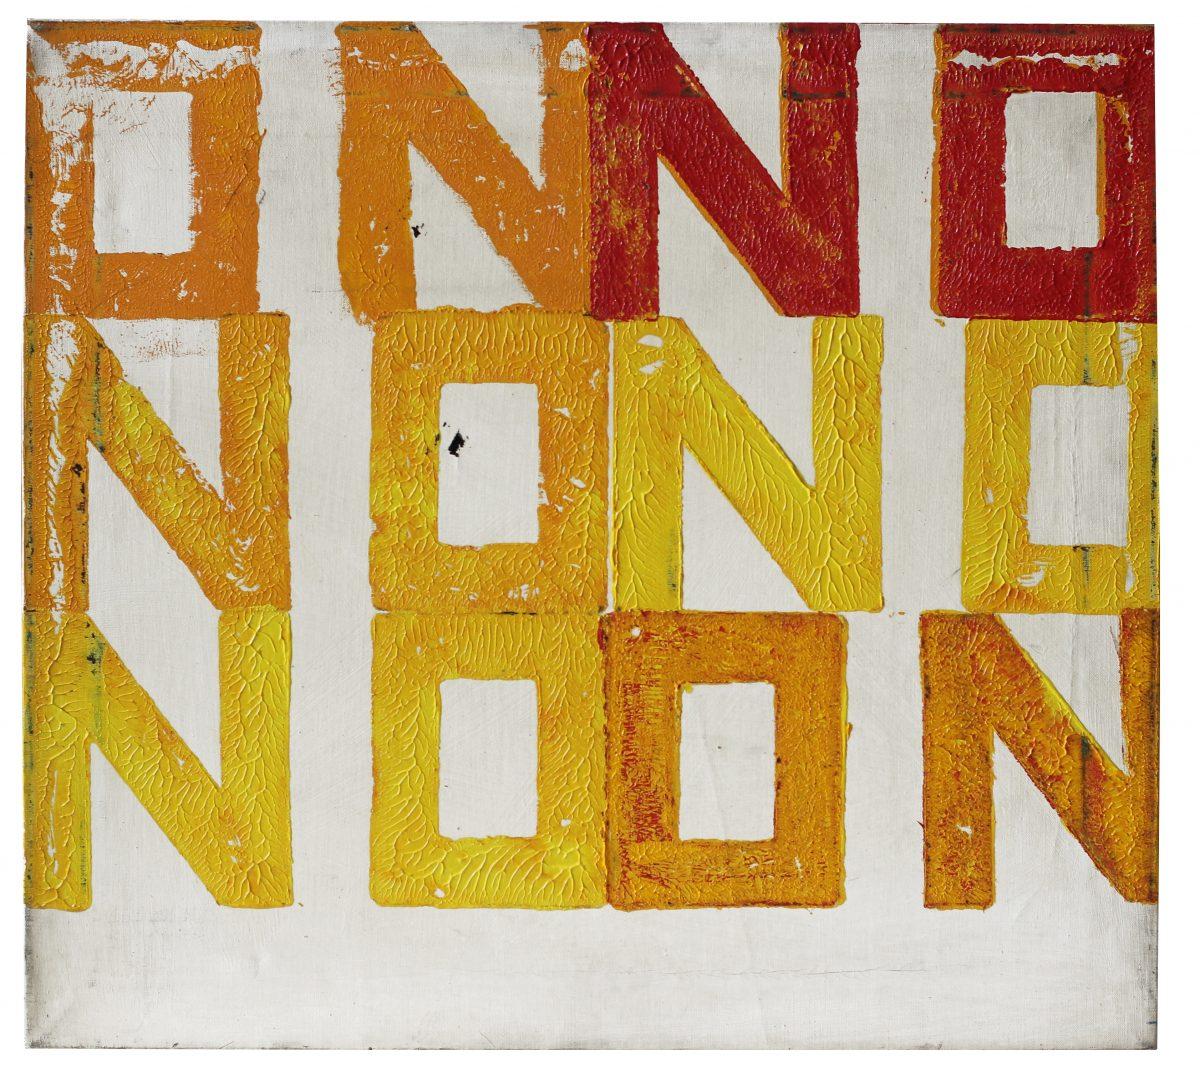 Boris Lurie, NO-ON, 1962. Image: Boris Lurie Art Foundation